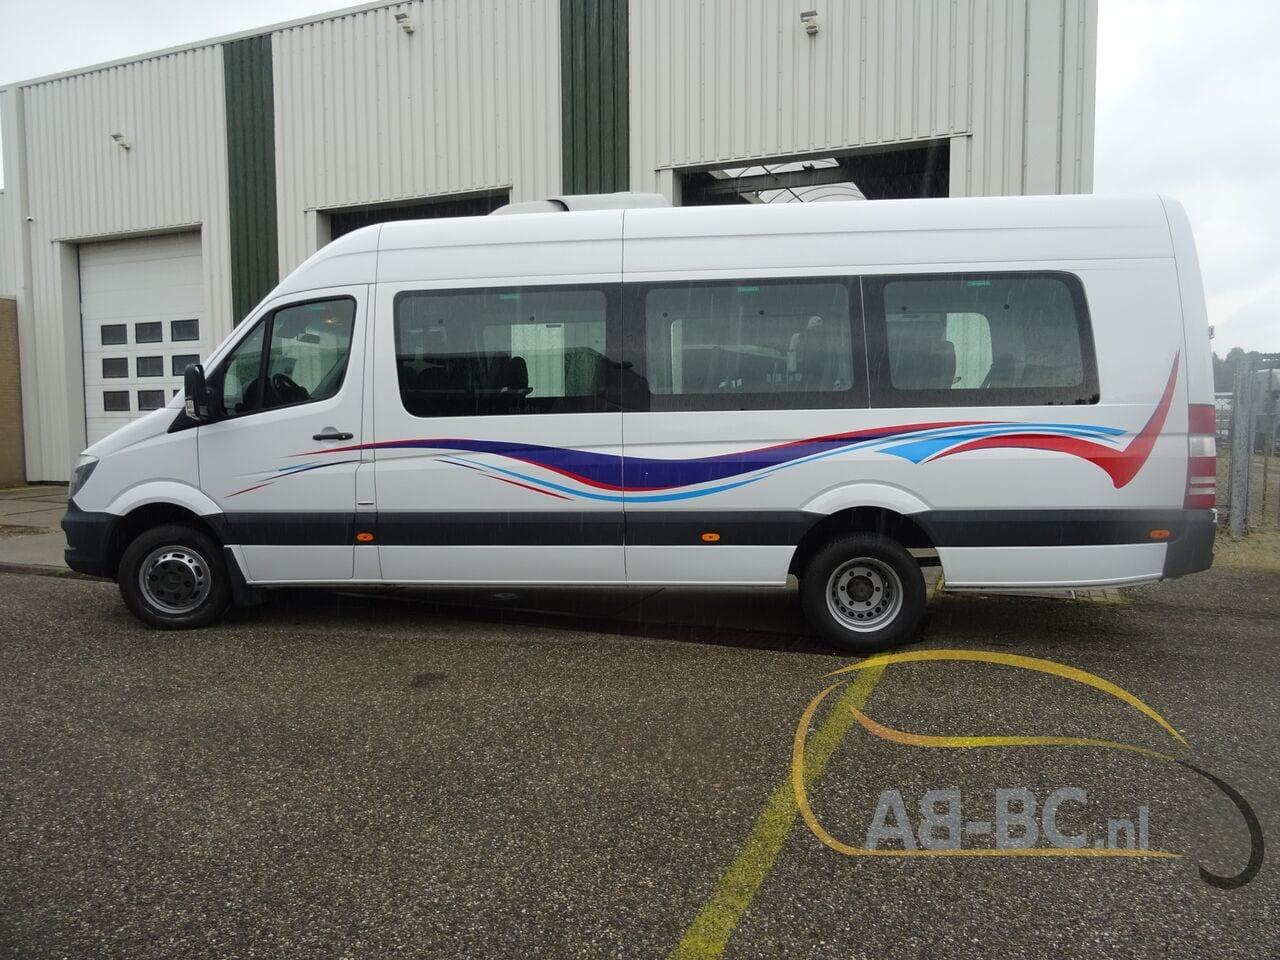 coach-busMERCEDES-BENZ-516-CDI-Sprinter-Transfer-45-23-Seats-EURO-6---1625493773314917165_big_30ff9c5e02e40ae56d30ef6a702bbf09--21060112394245379500